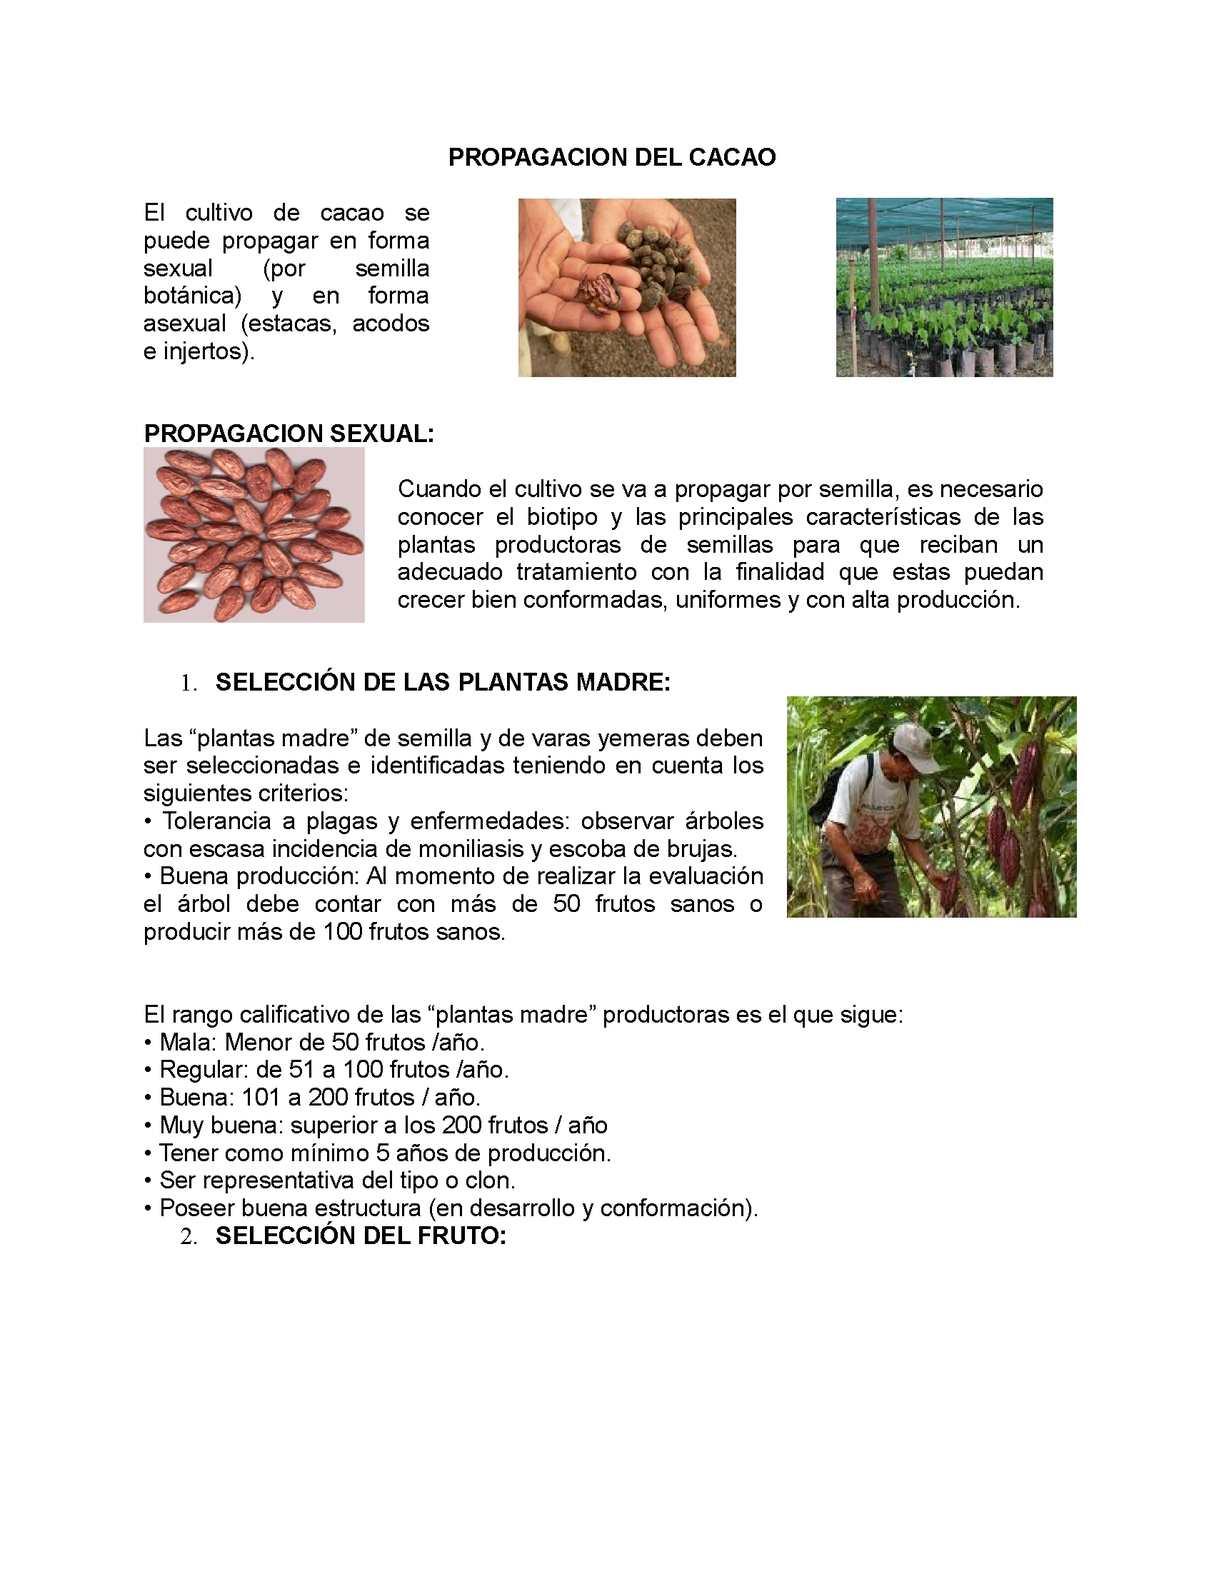 Calam o metodos de propagacion cultivo de cacao for Arboles con sus nombres y caracteristicas